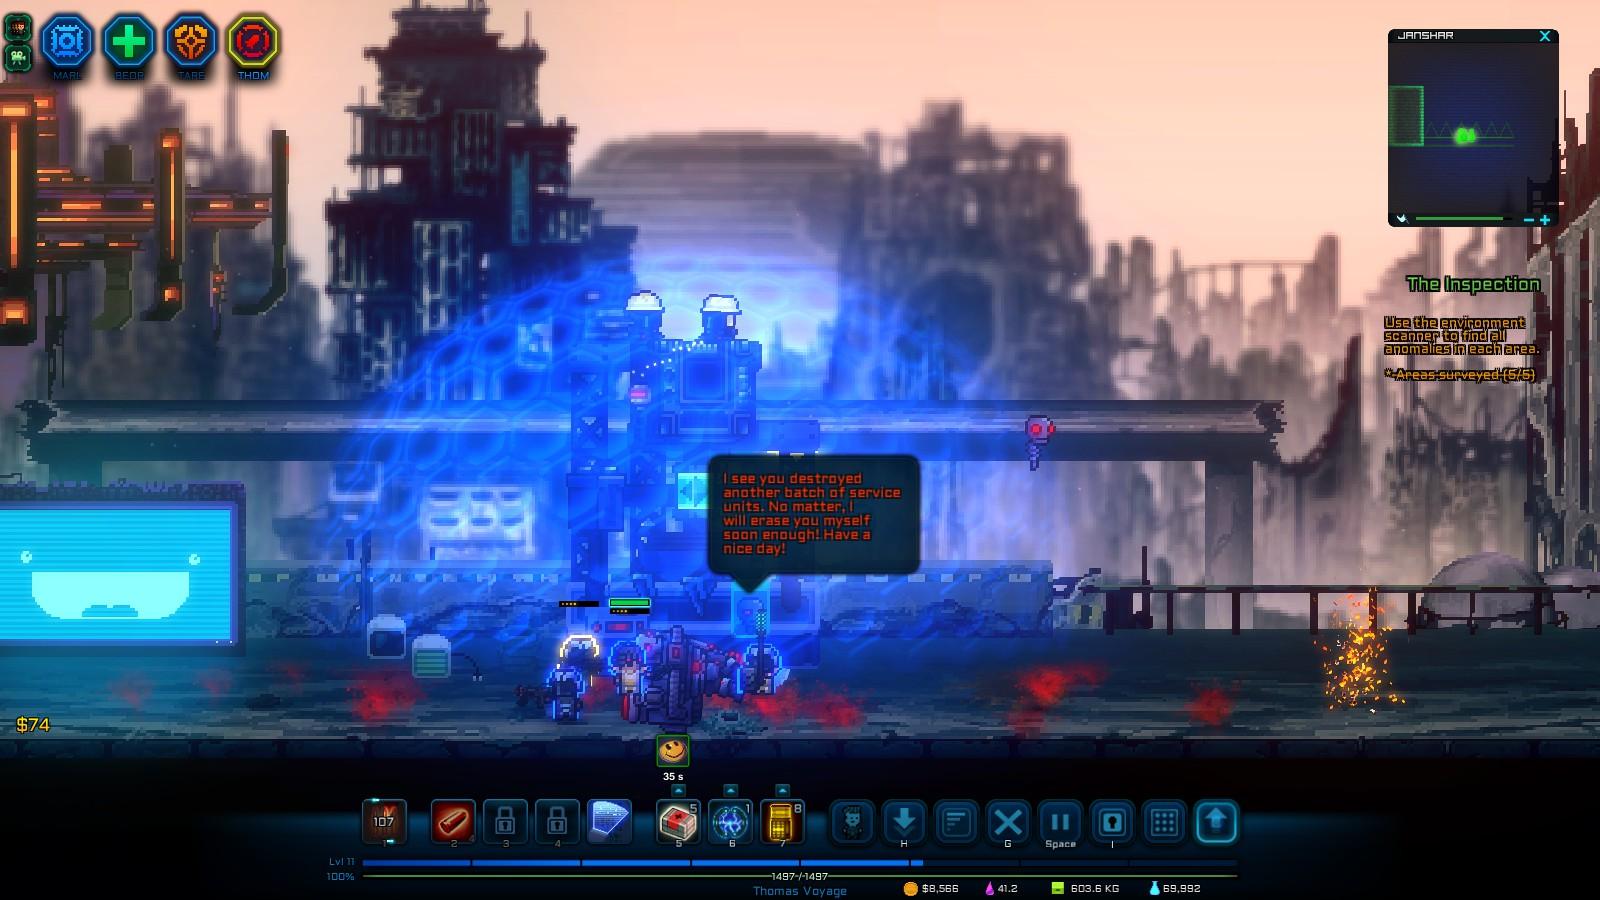 像素星际海盗游戏图片欣赏